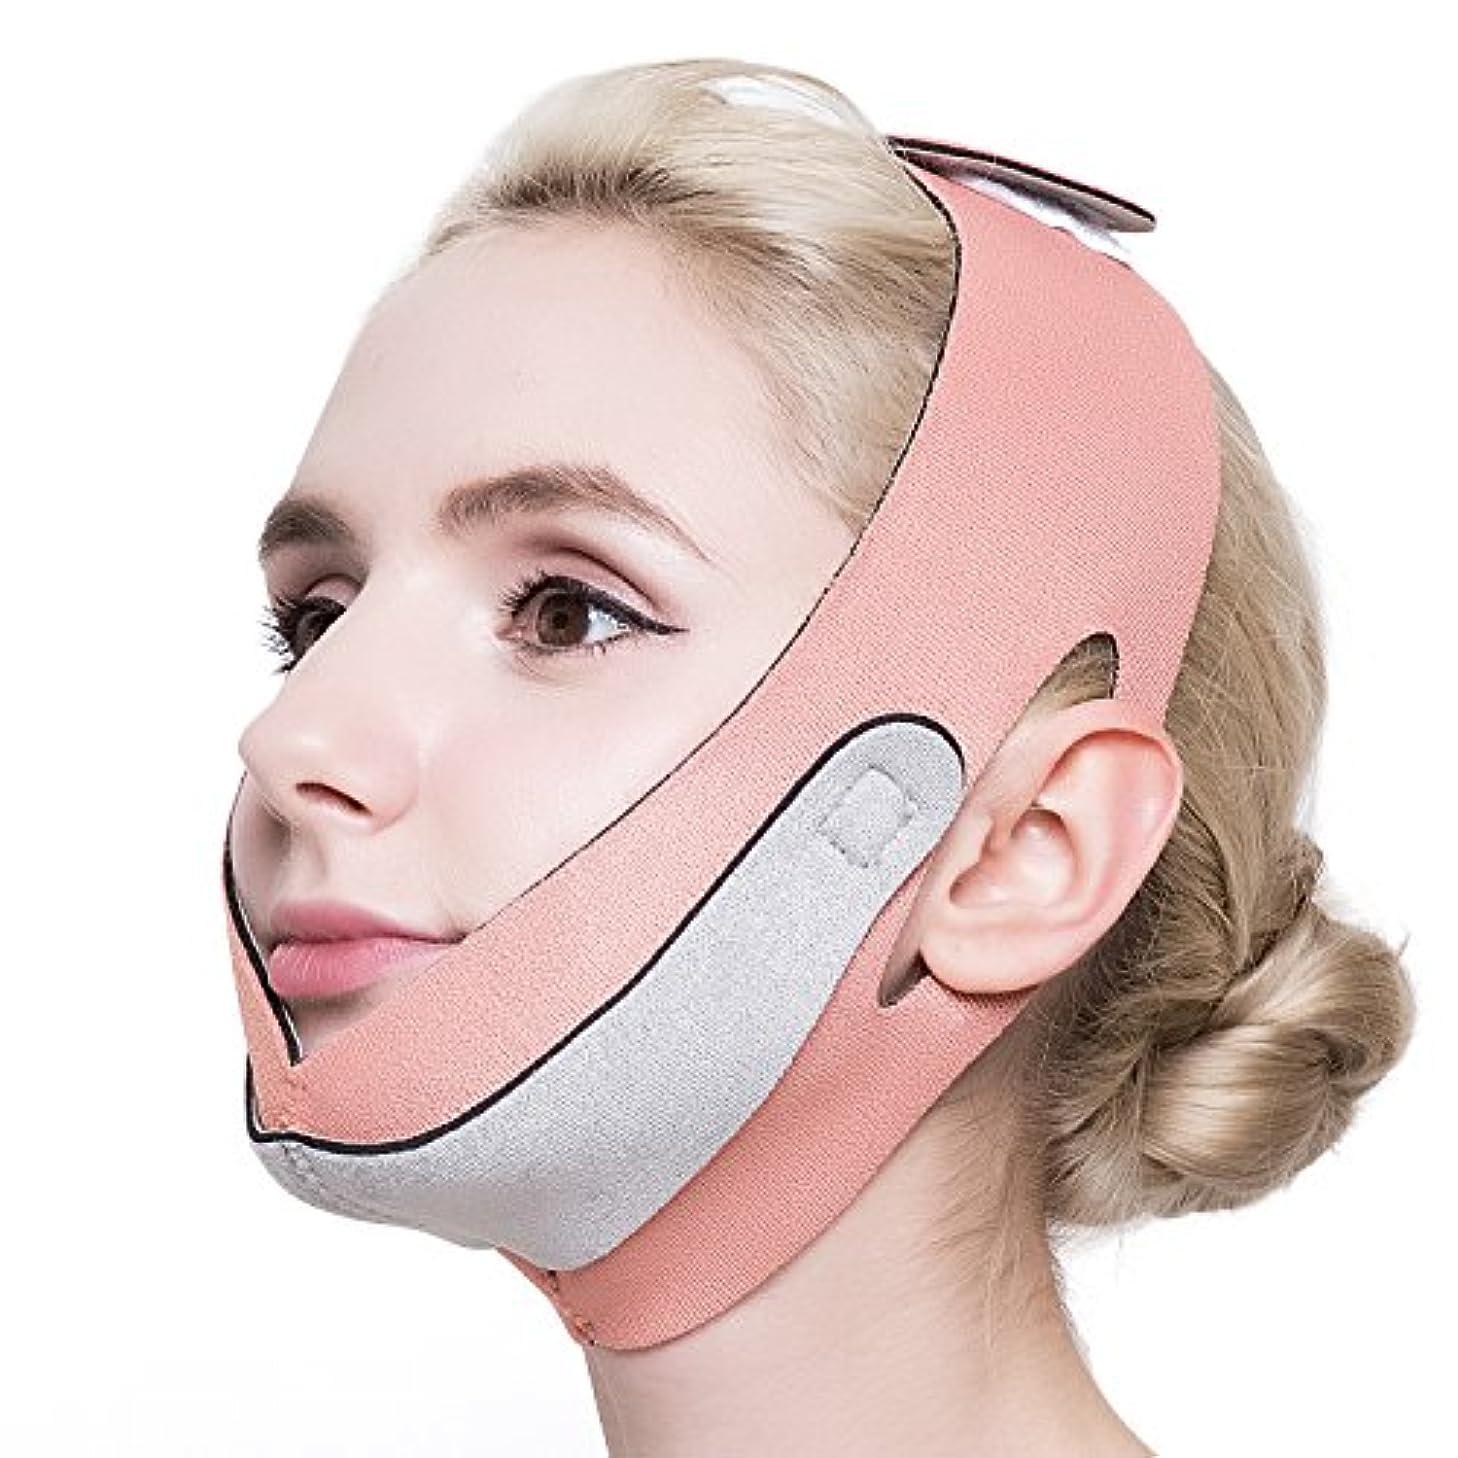 実験室持参そのようなPLEASINGSAN 小顔 ベルト リフトアップ フェイスマスク グッズ メンズ レディース